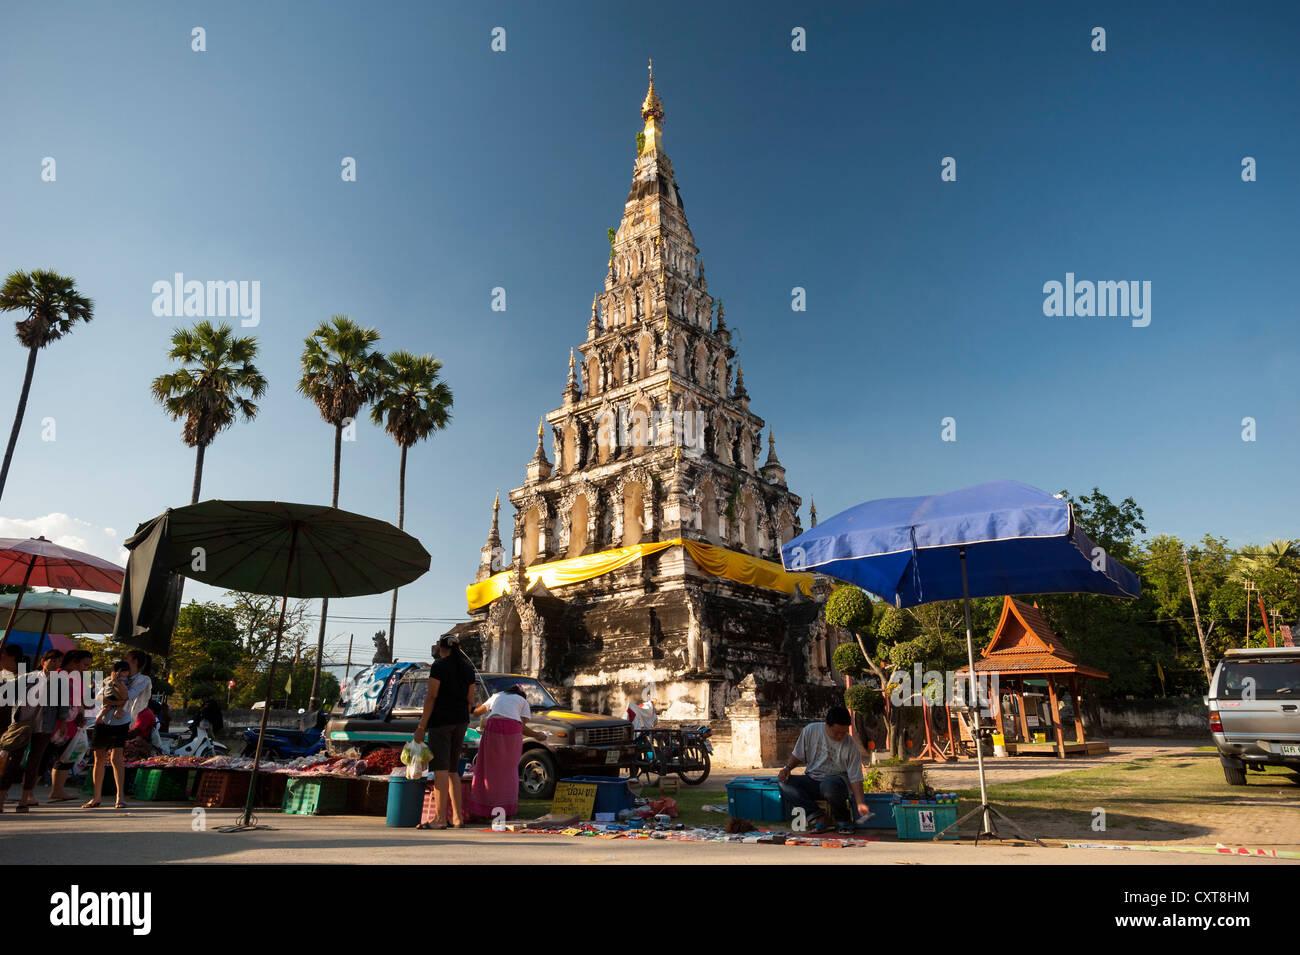 Insolito pagoda quadrata o chedi, Wat Chedi Liam e mercato, restaurato Wiang Kum Kam insediamento, Chiang Mai, Thailandia Foto Stock